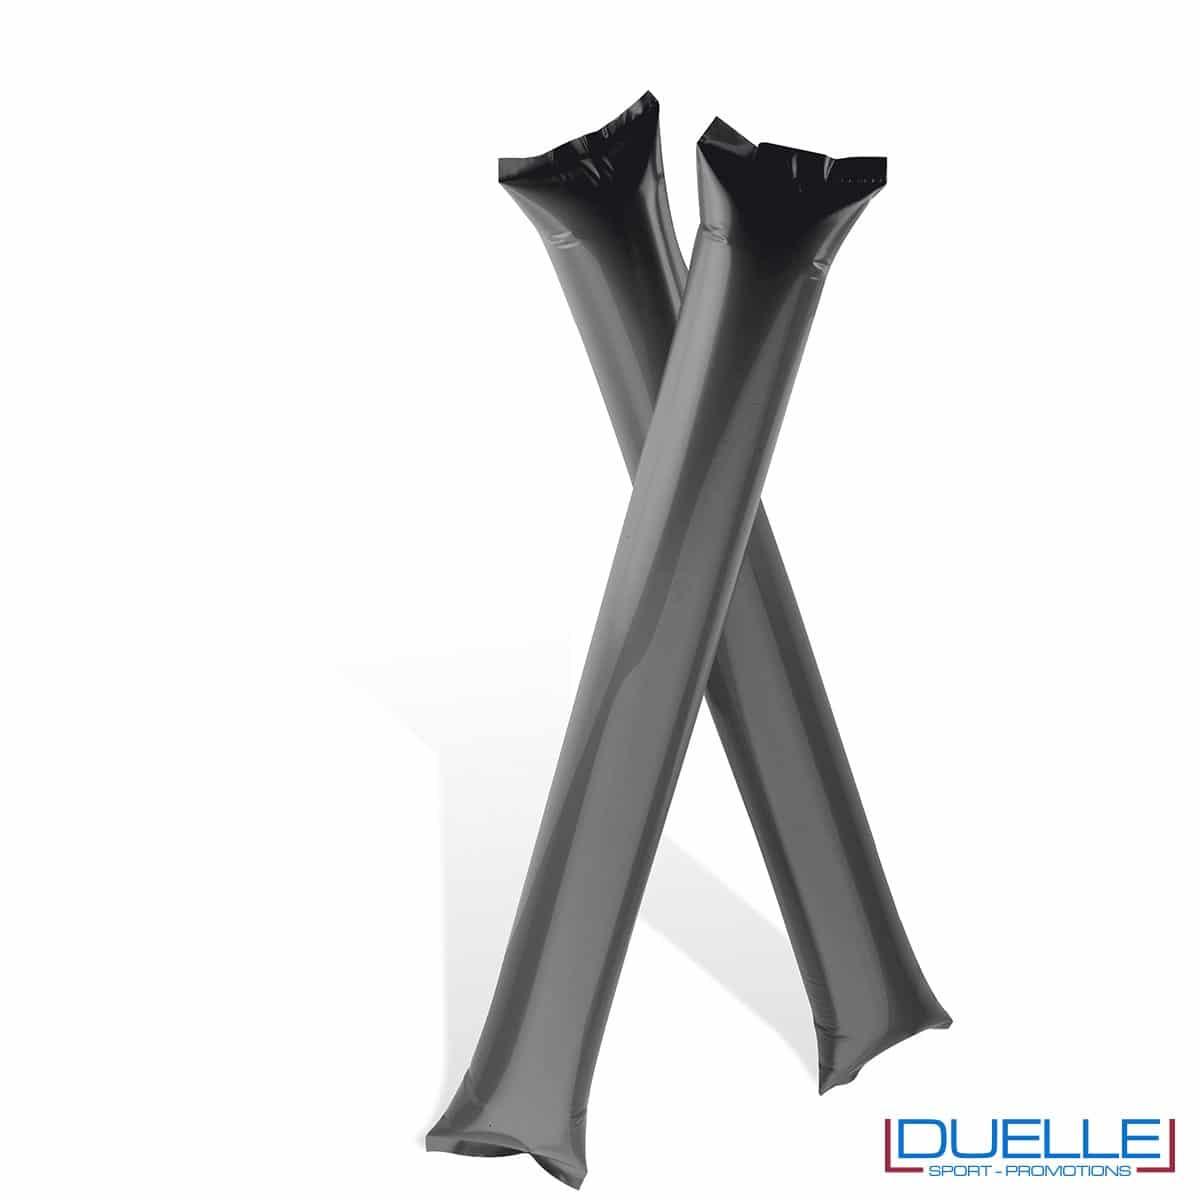 bastoni gonfiabili personalizzati nero per tifoserie l, gadget Europei 2016, gadget feste